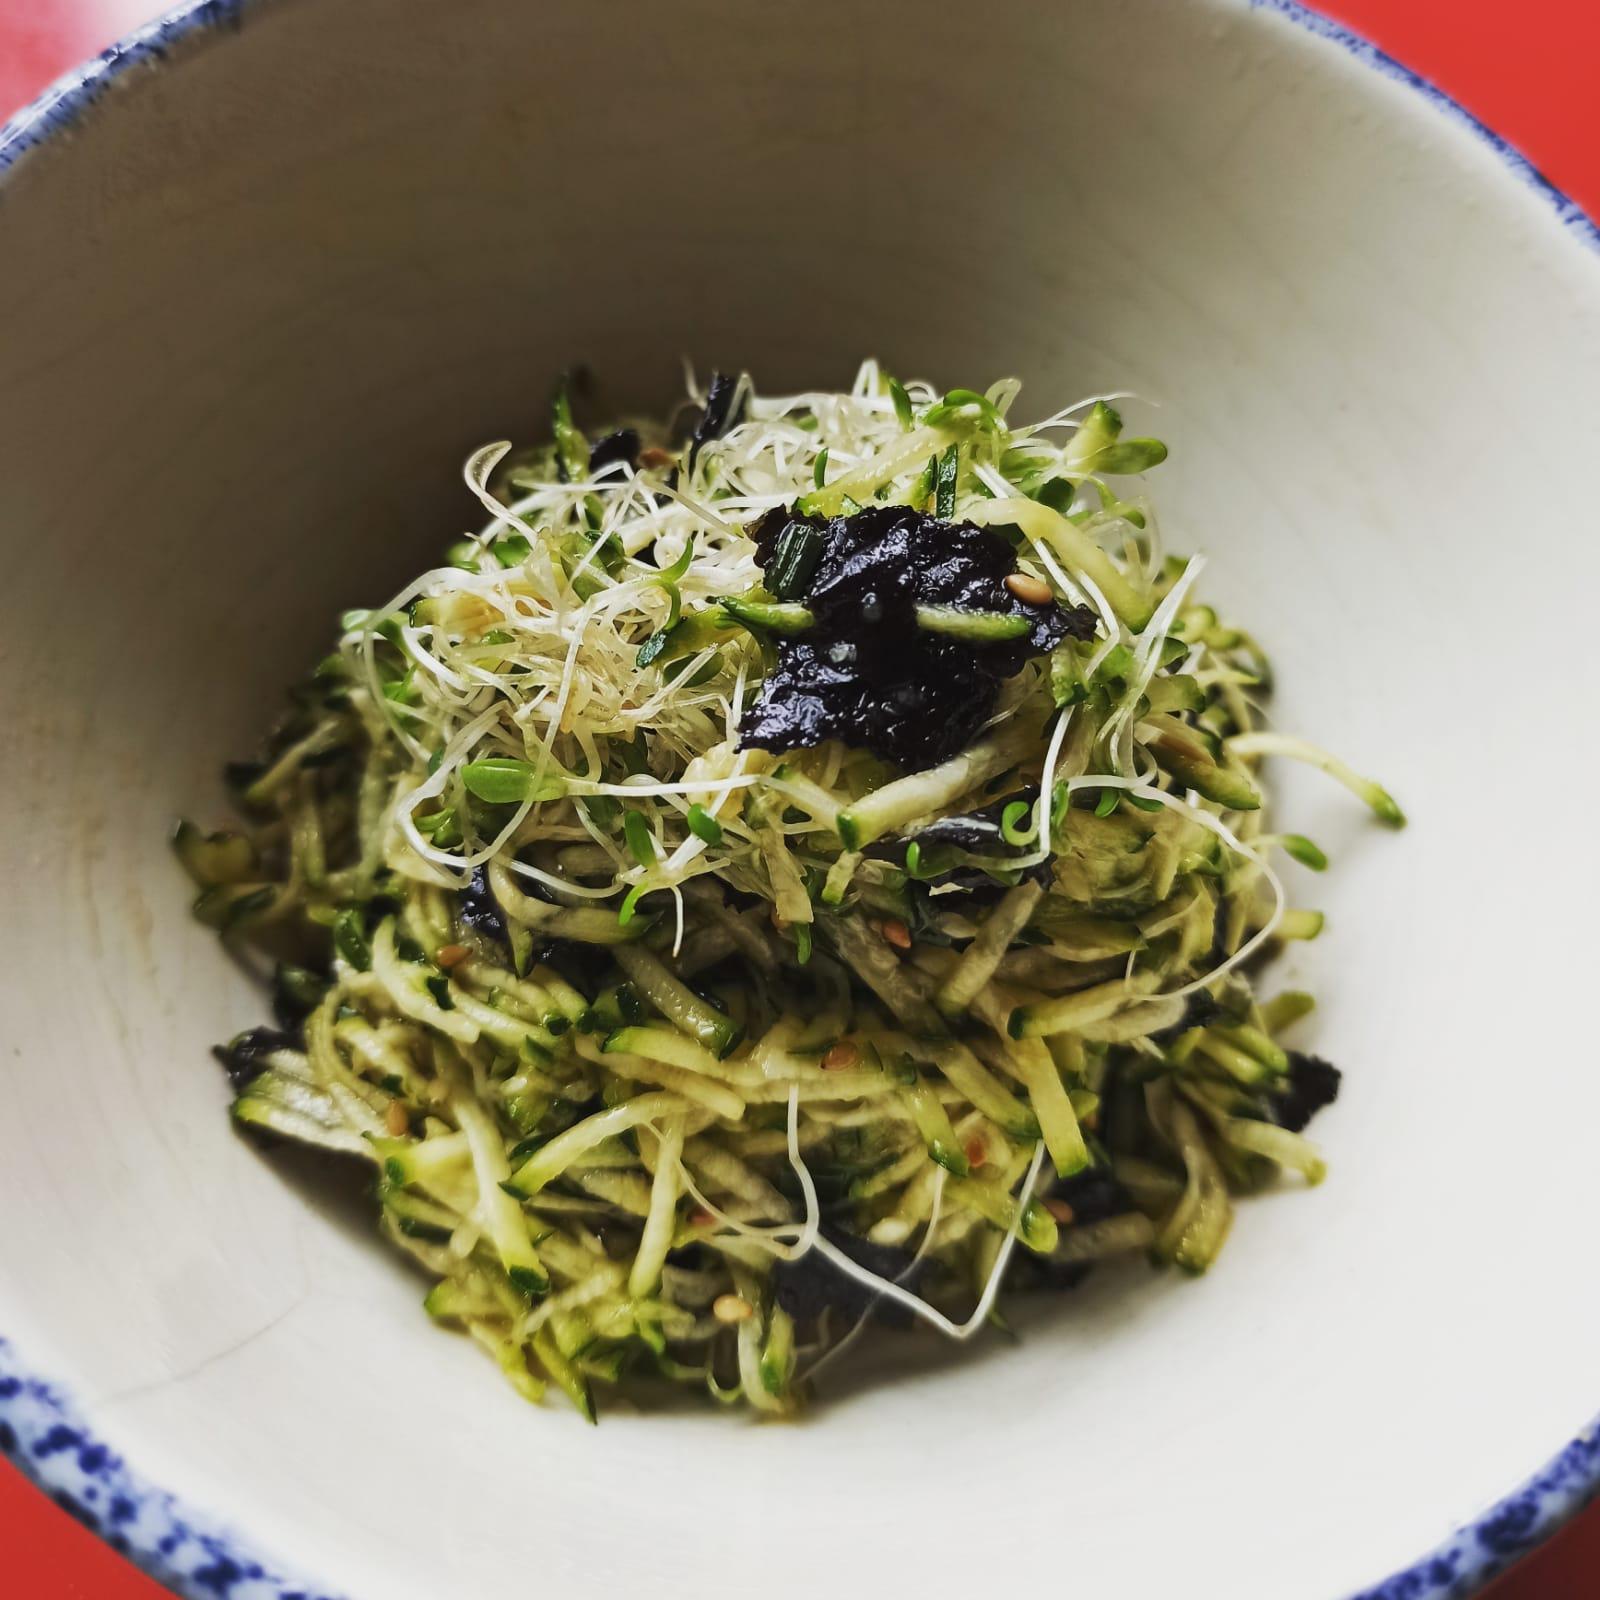 Recette d'entrée japonaise, courgette crue râpée aux feuilles de nori et tamari.